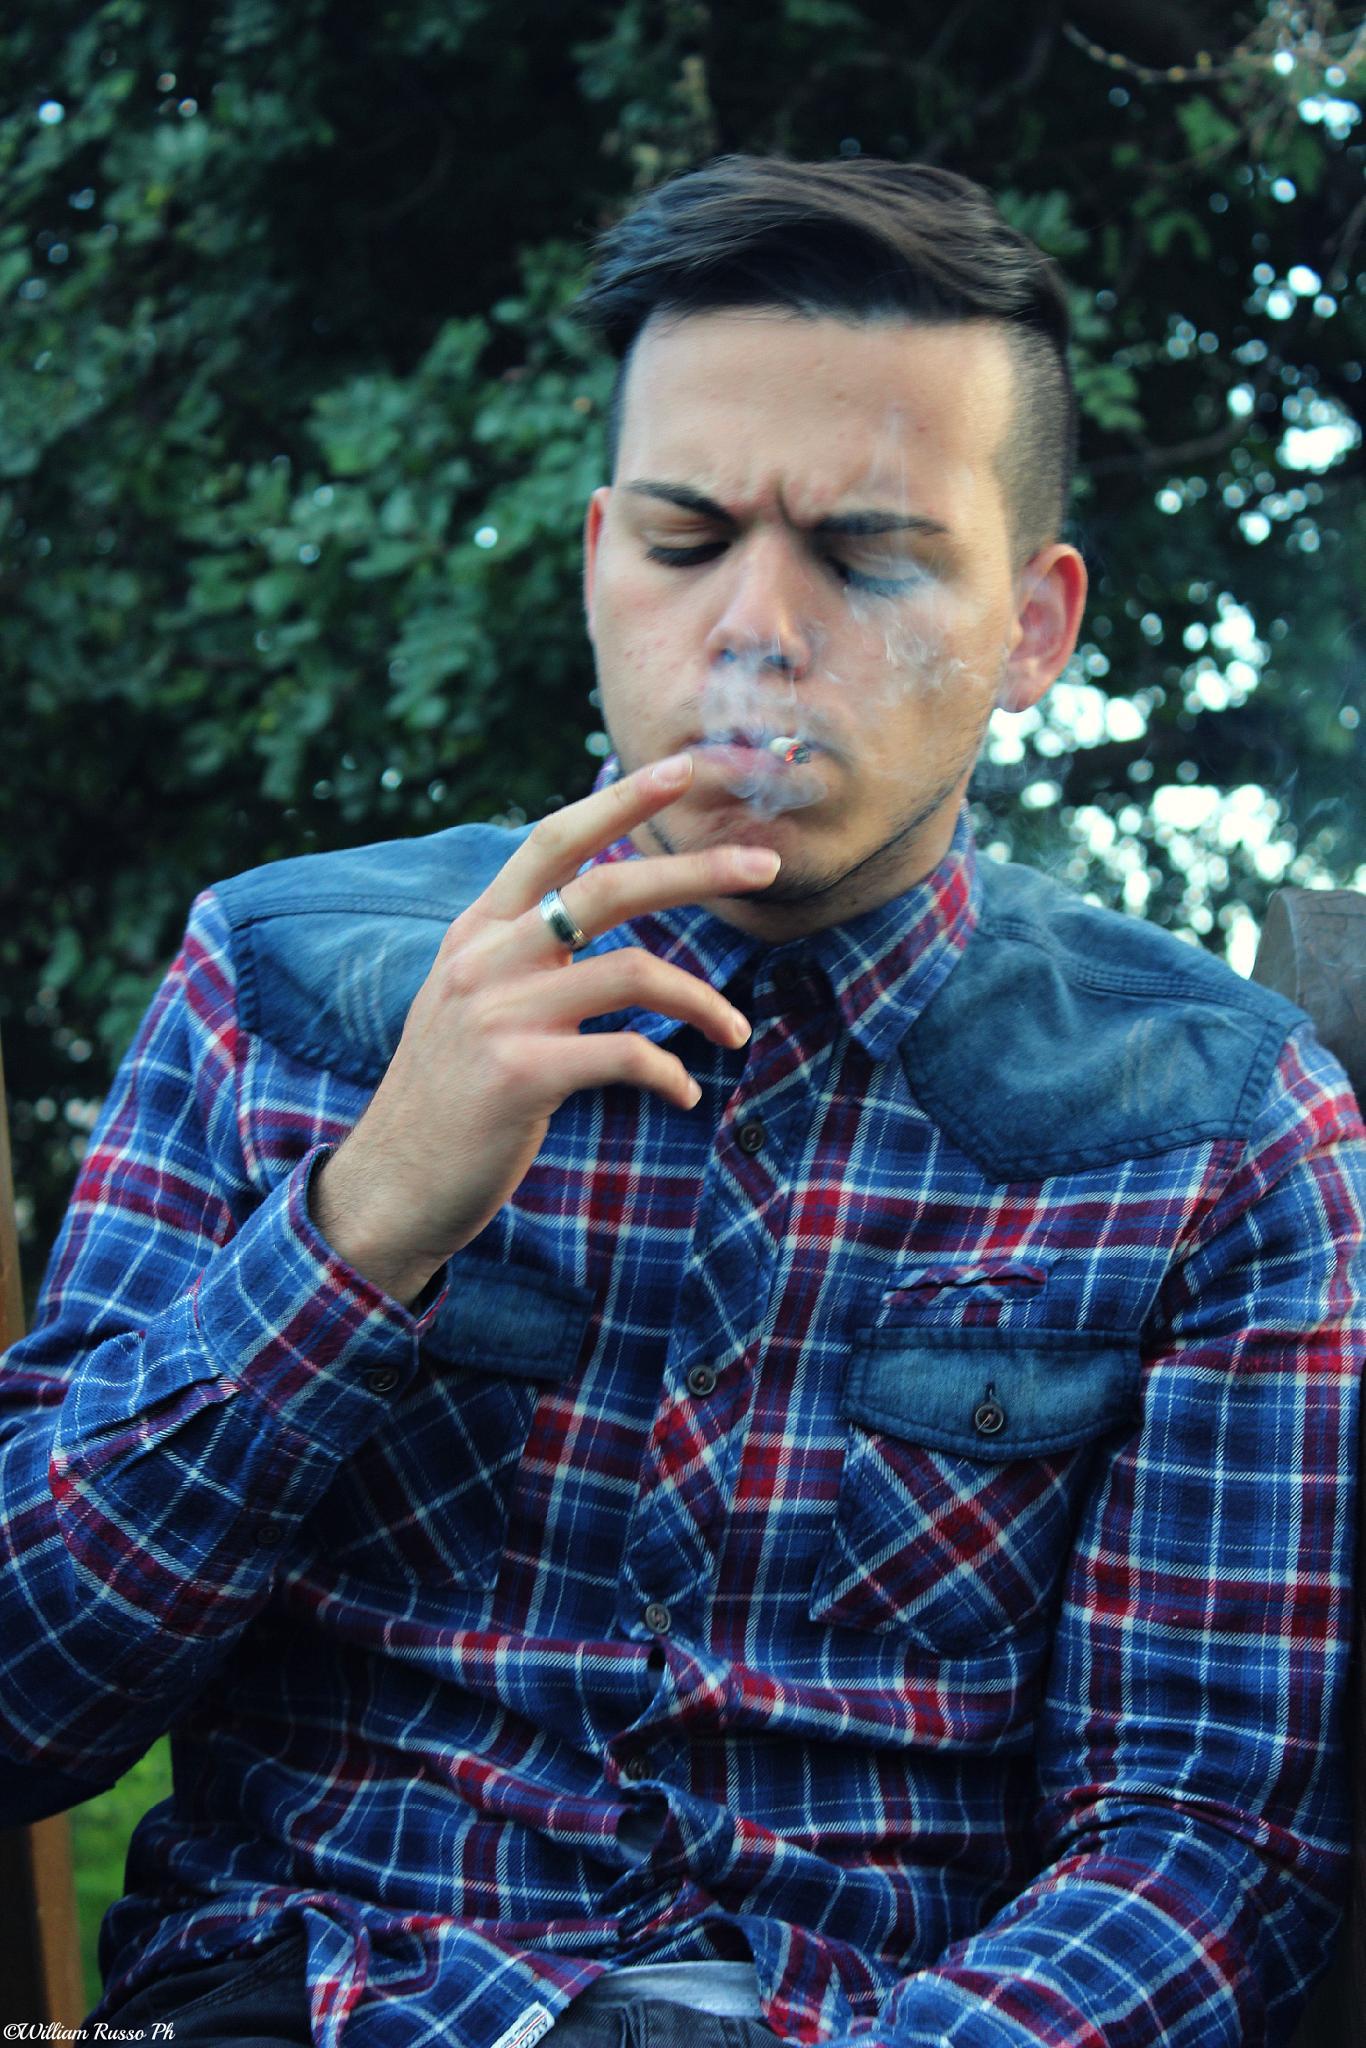 Smoke-Carmelo Giordano by willyam.russo